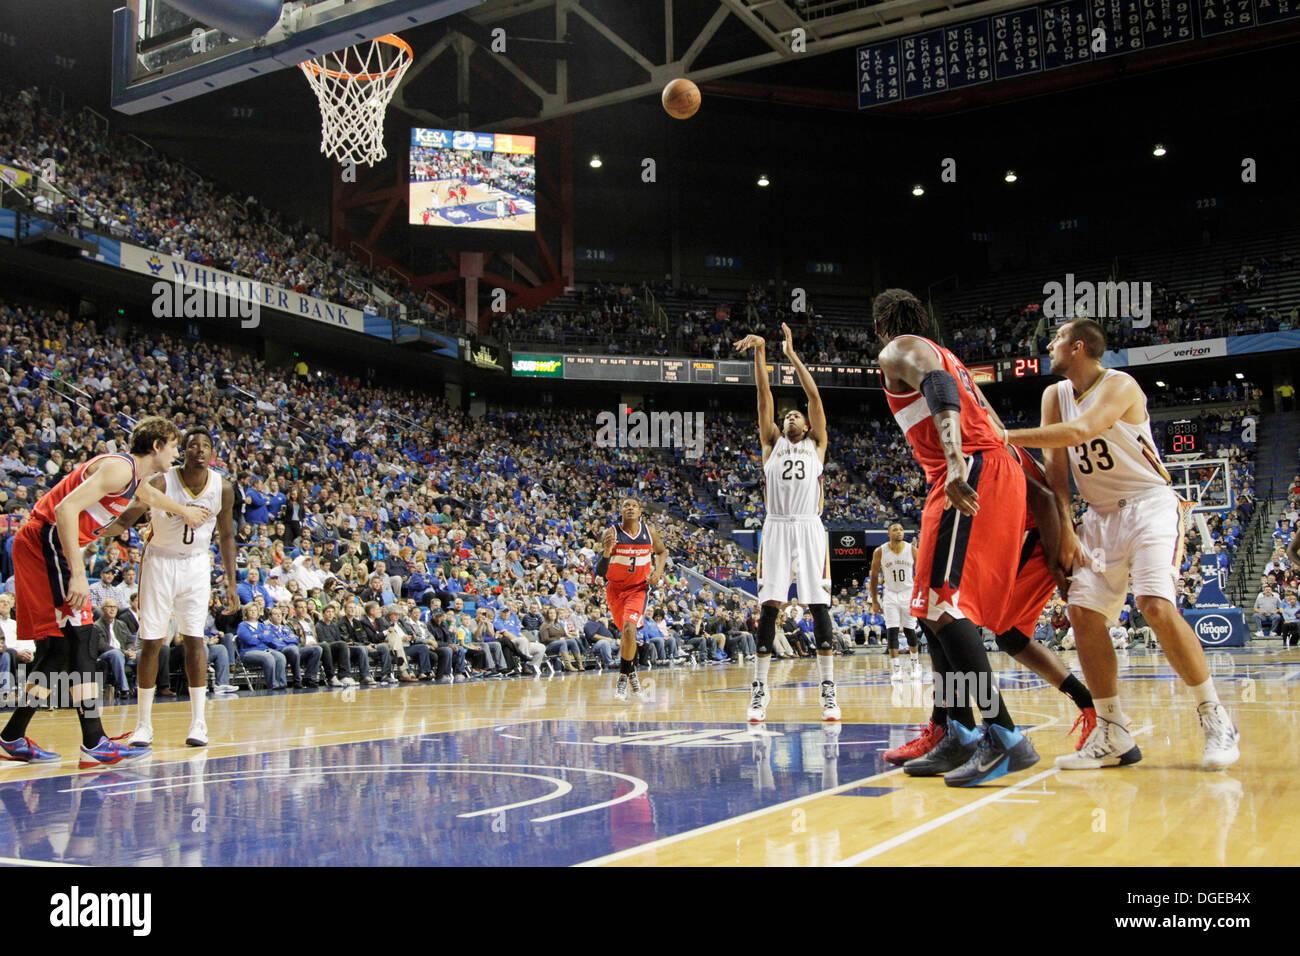 Lexington Ky Us 19th Oct 2013 New Orleans Pelicans